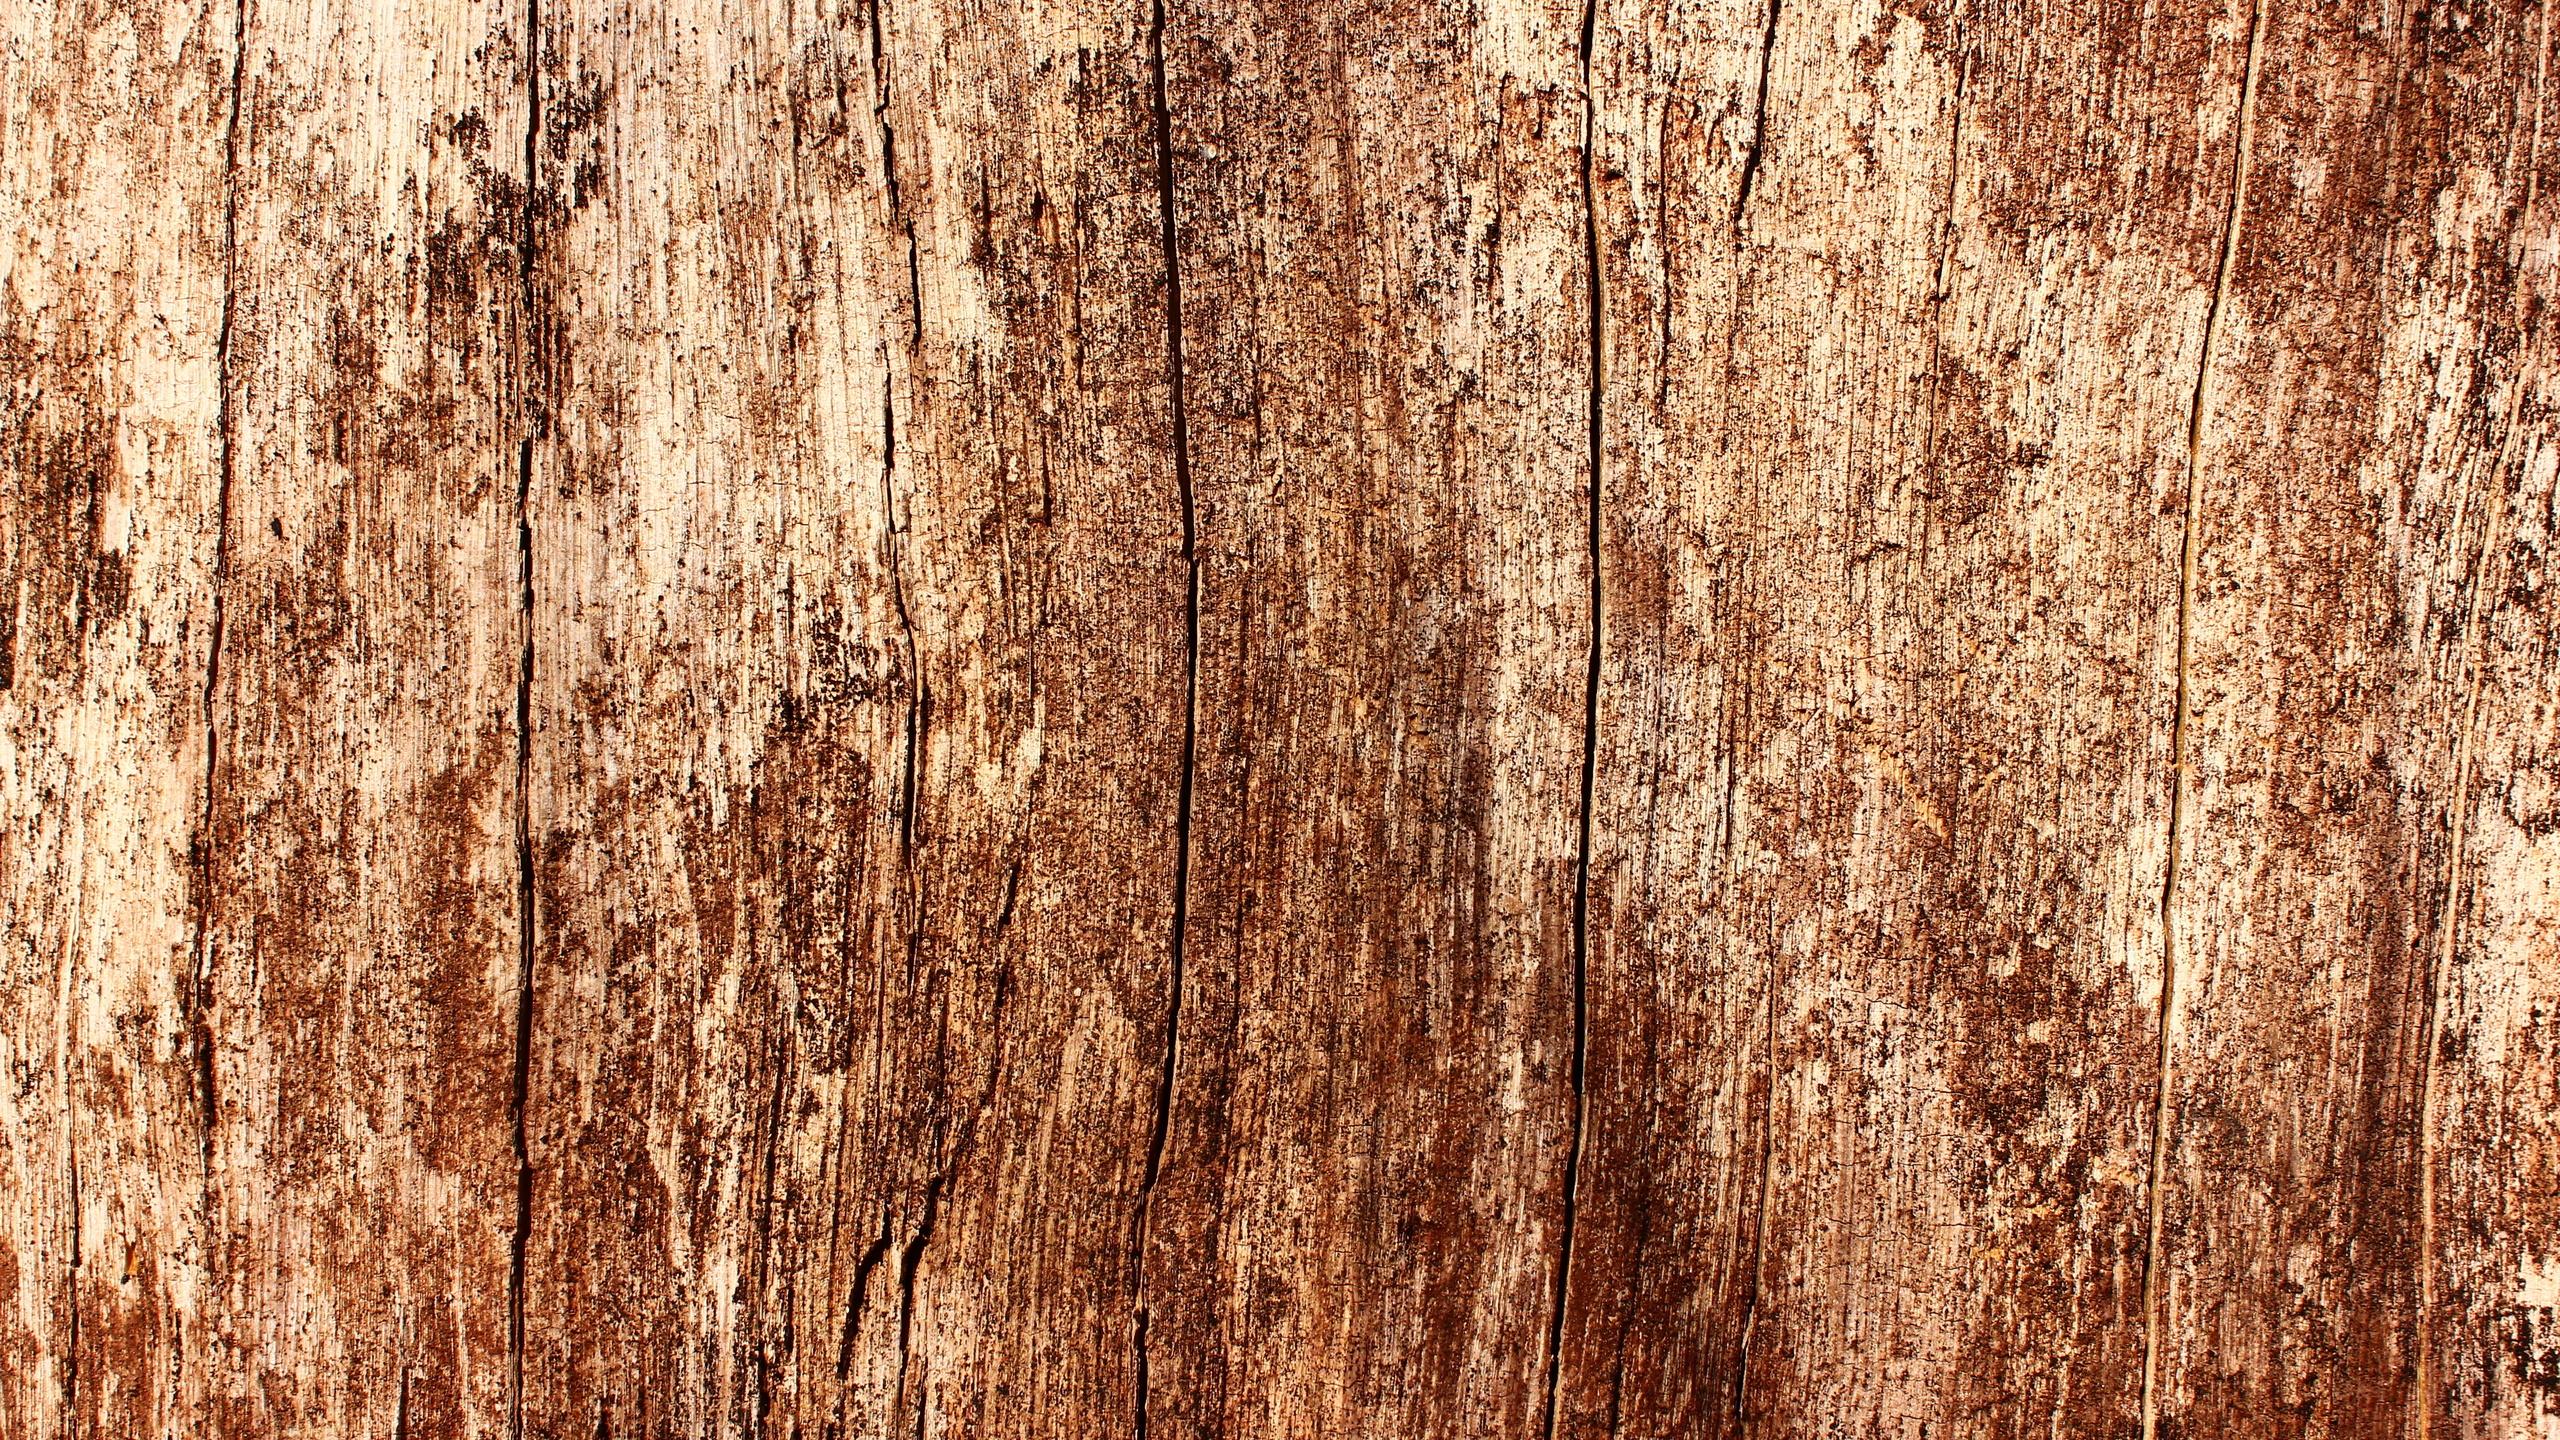 Срезанное дерево бесплатно